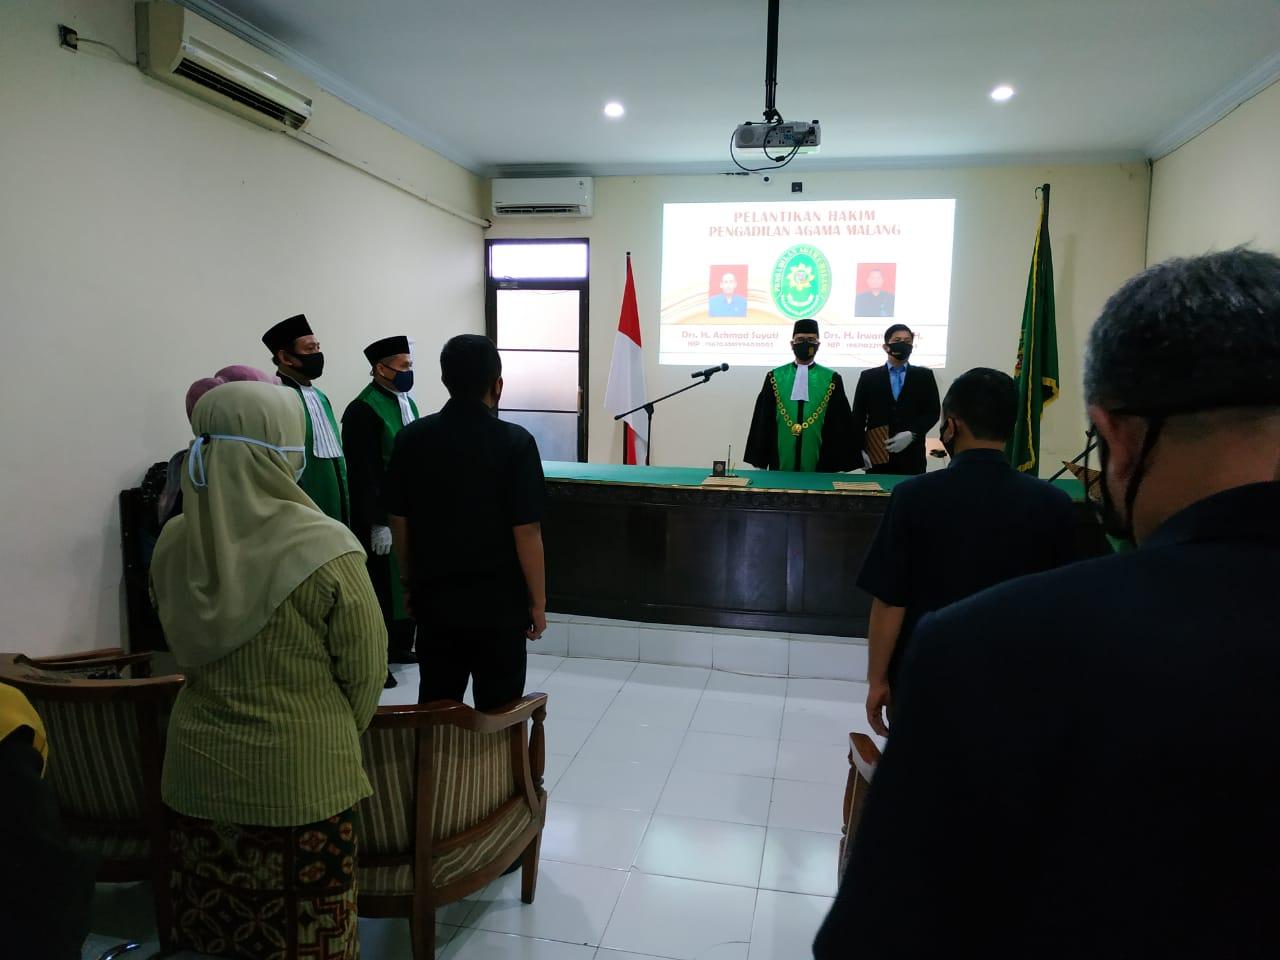 Pelantikan Hakim di Pengadilan Agama Malang